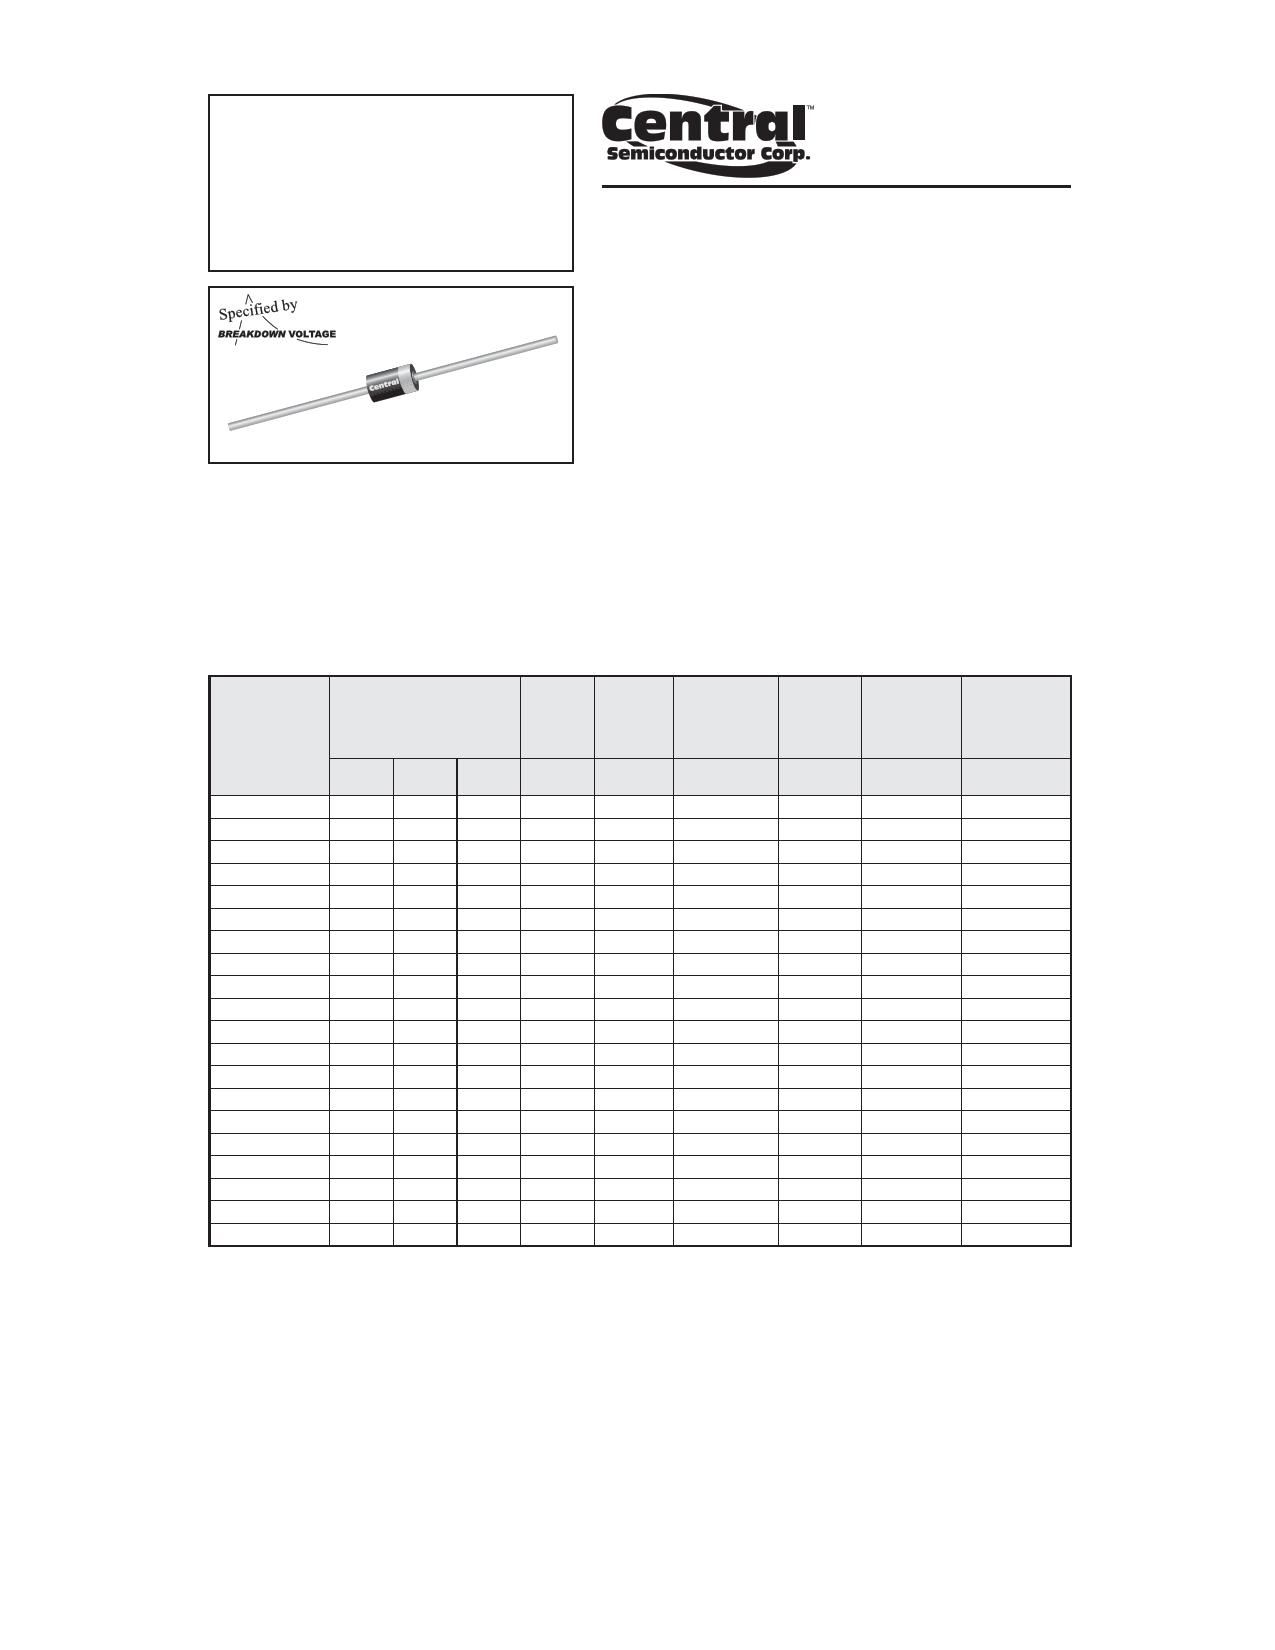 1.5CE36CA datasheet